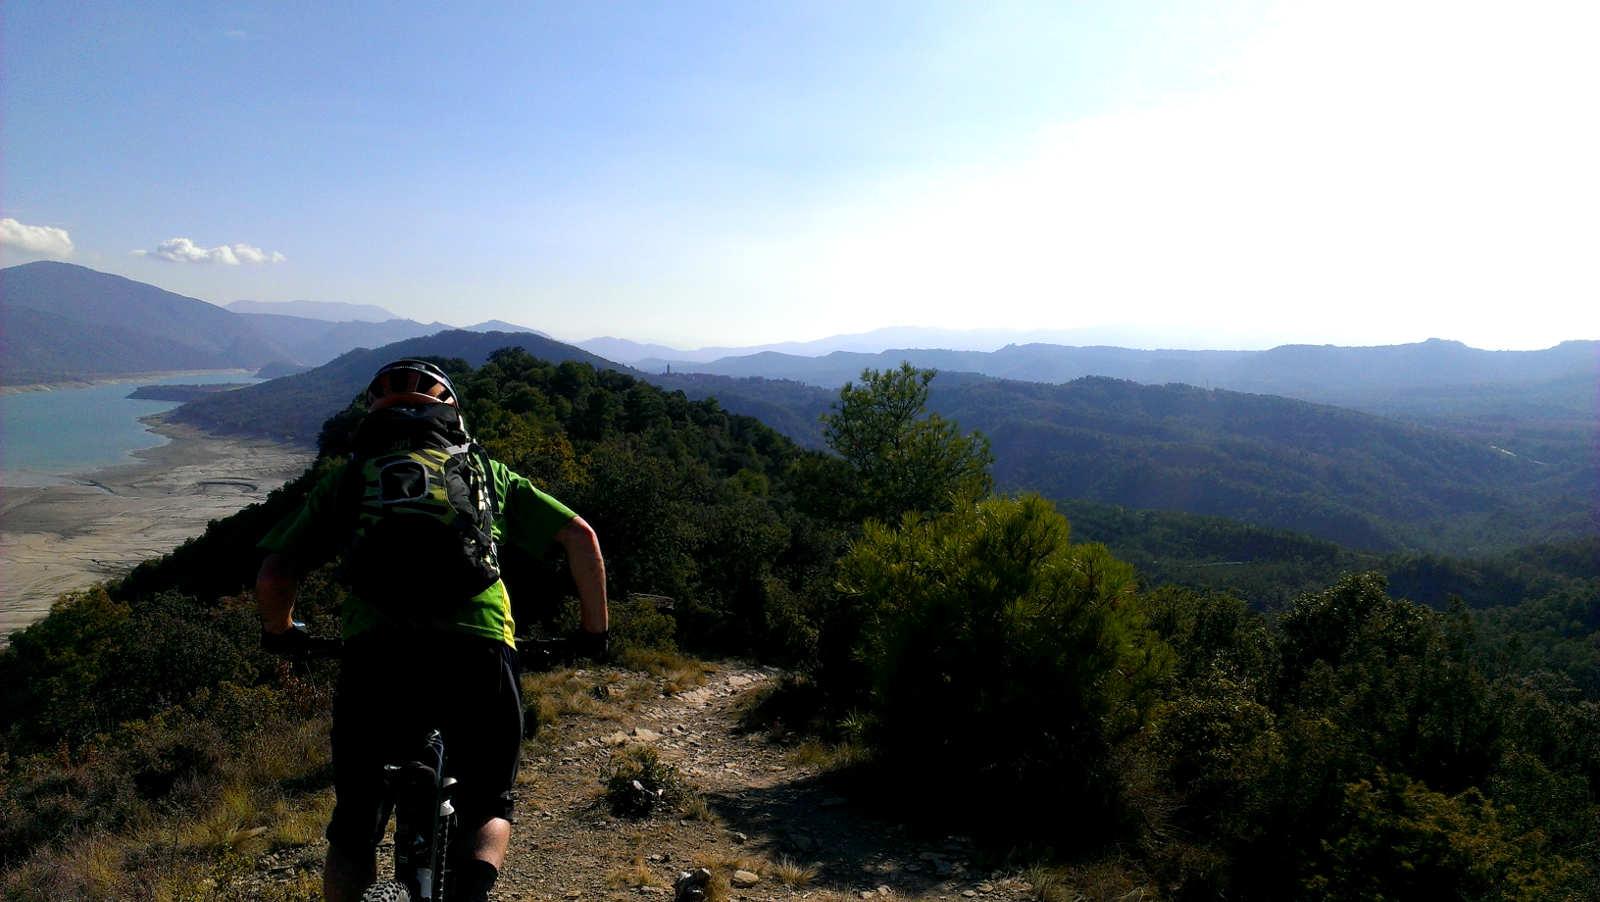 Bike Camp Zona zero - Backcountry MTB